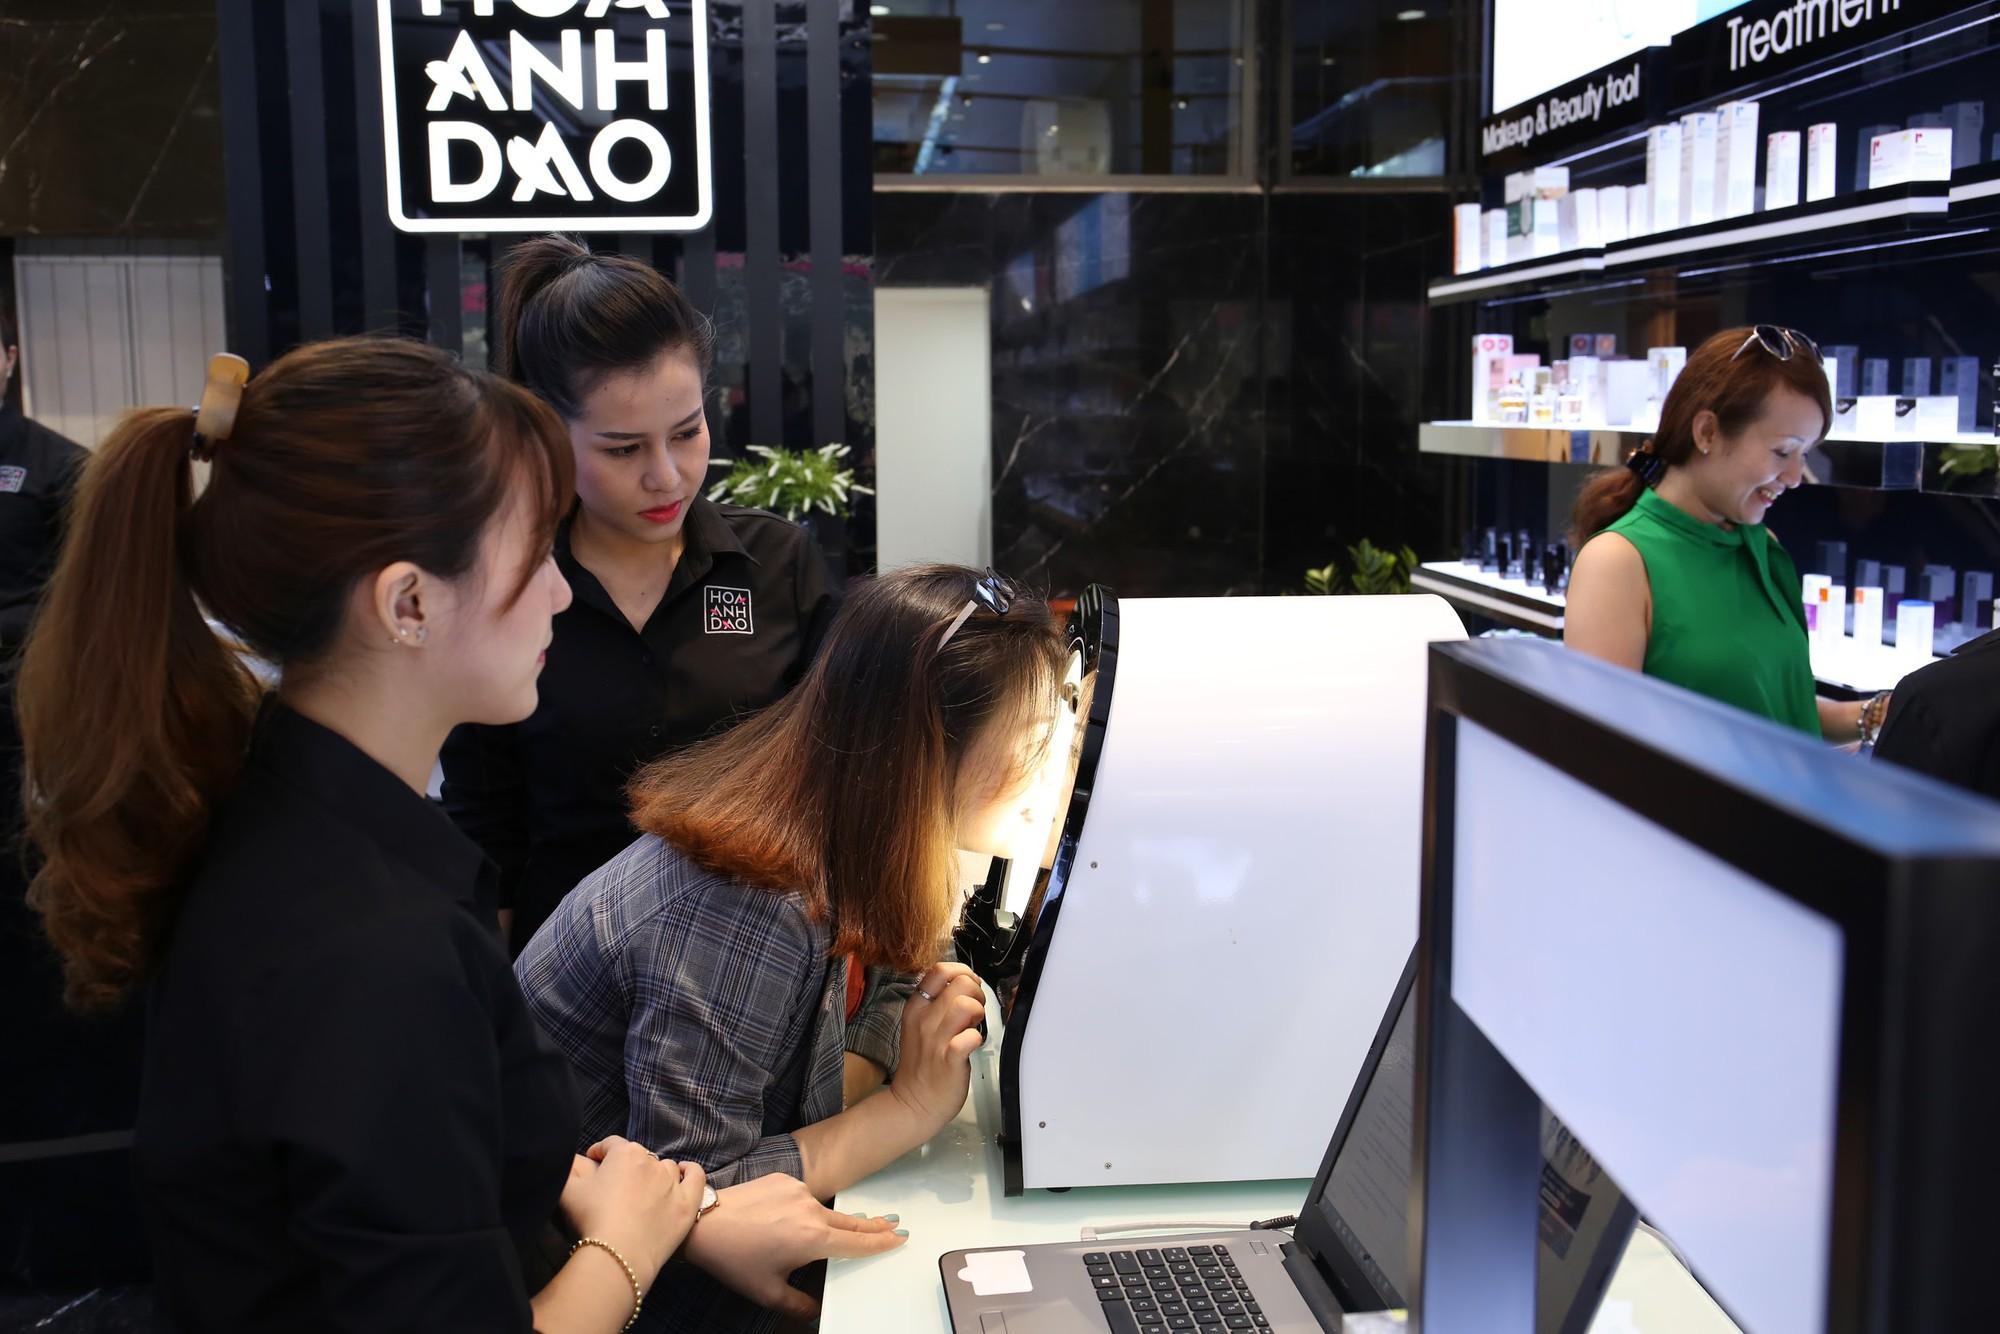 Hoa Anh Đào khai trương cửa hàng mỹ phẩm tại đường Hai Bà Trưng - Ảnh 8.